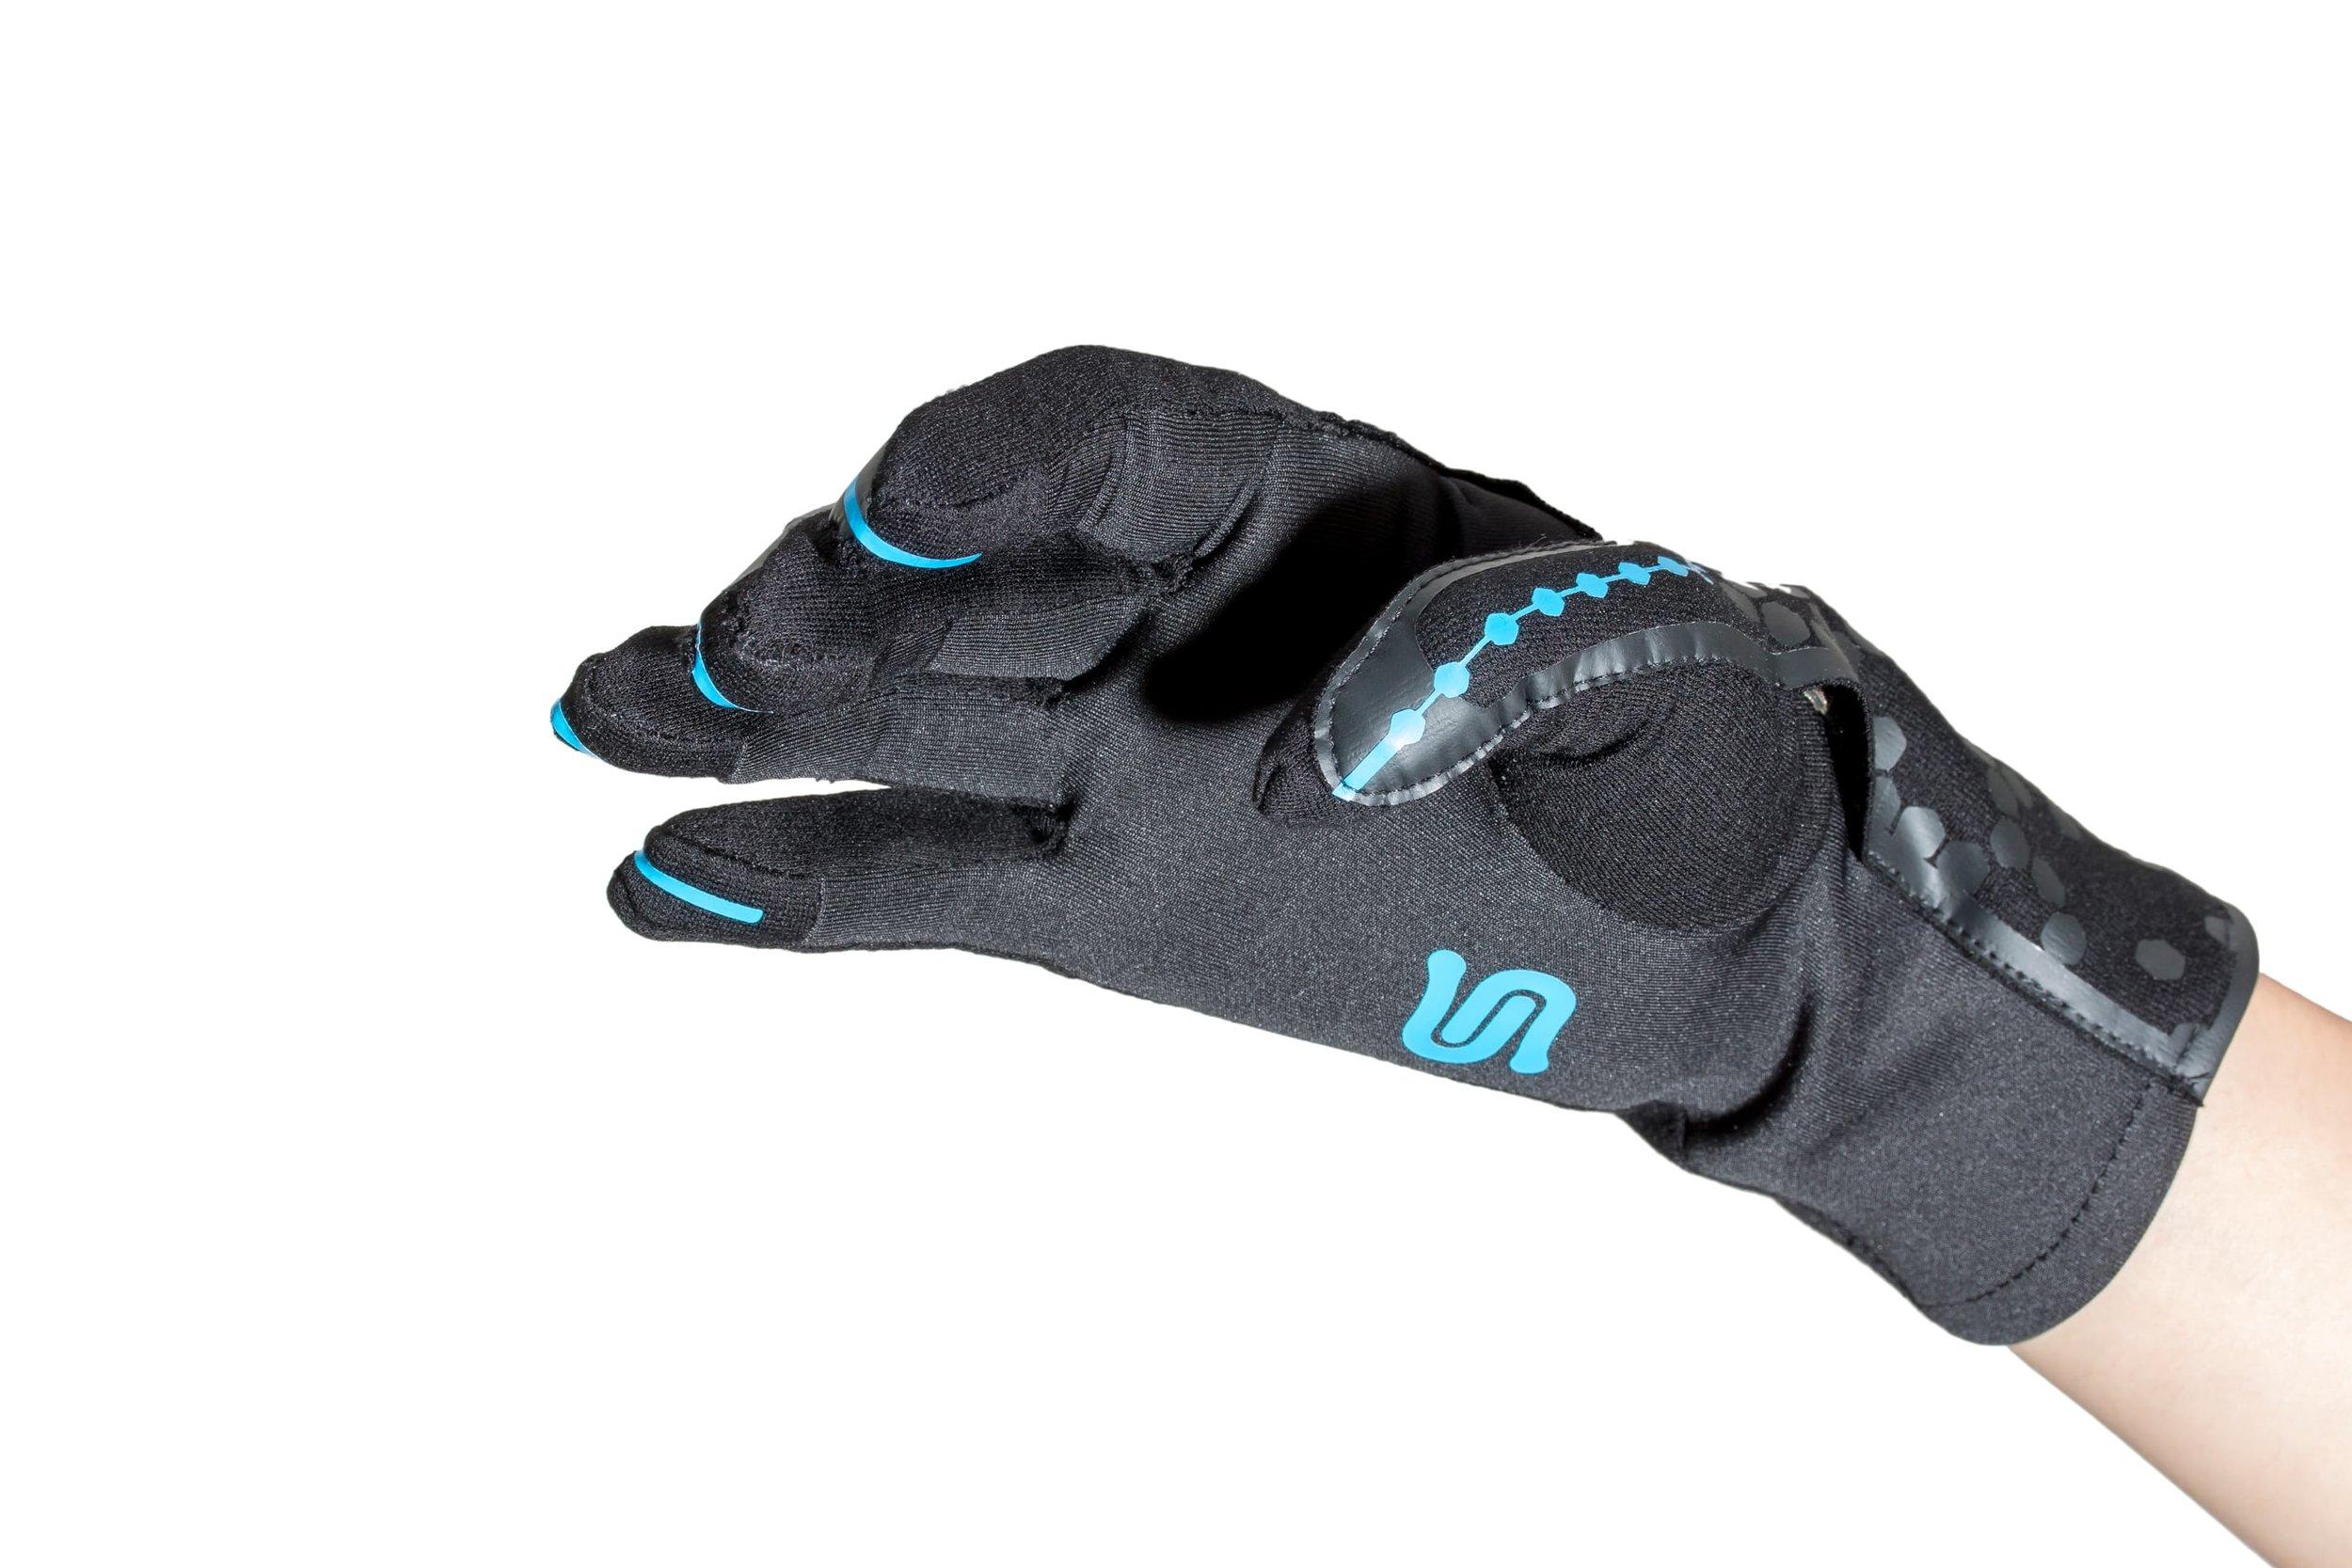 StretchSense-Glove-4.jpg